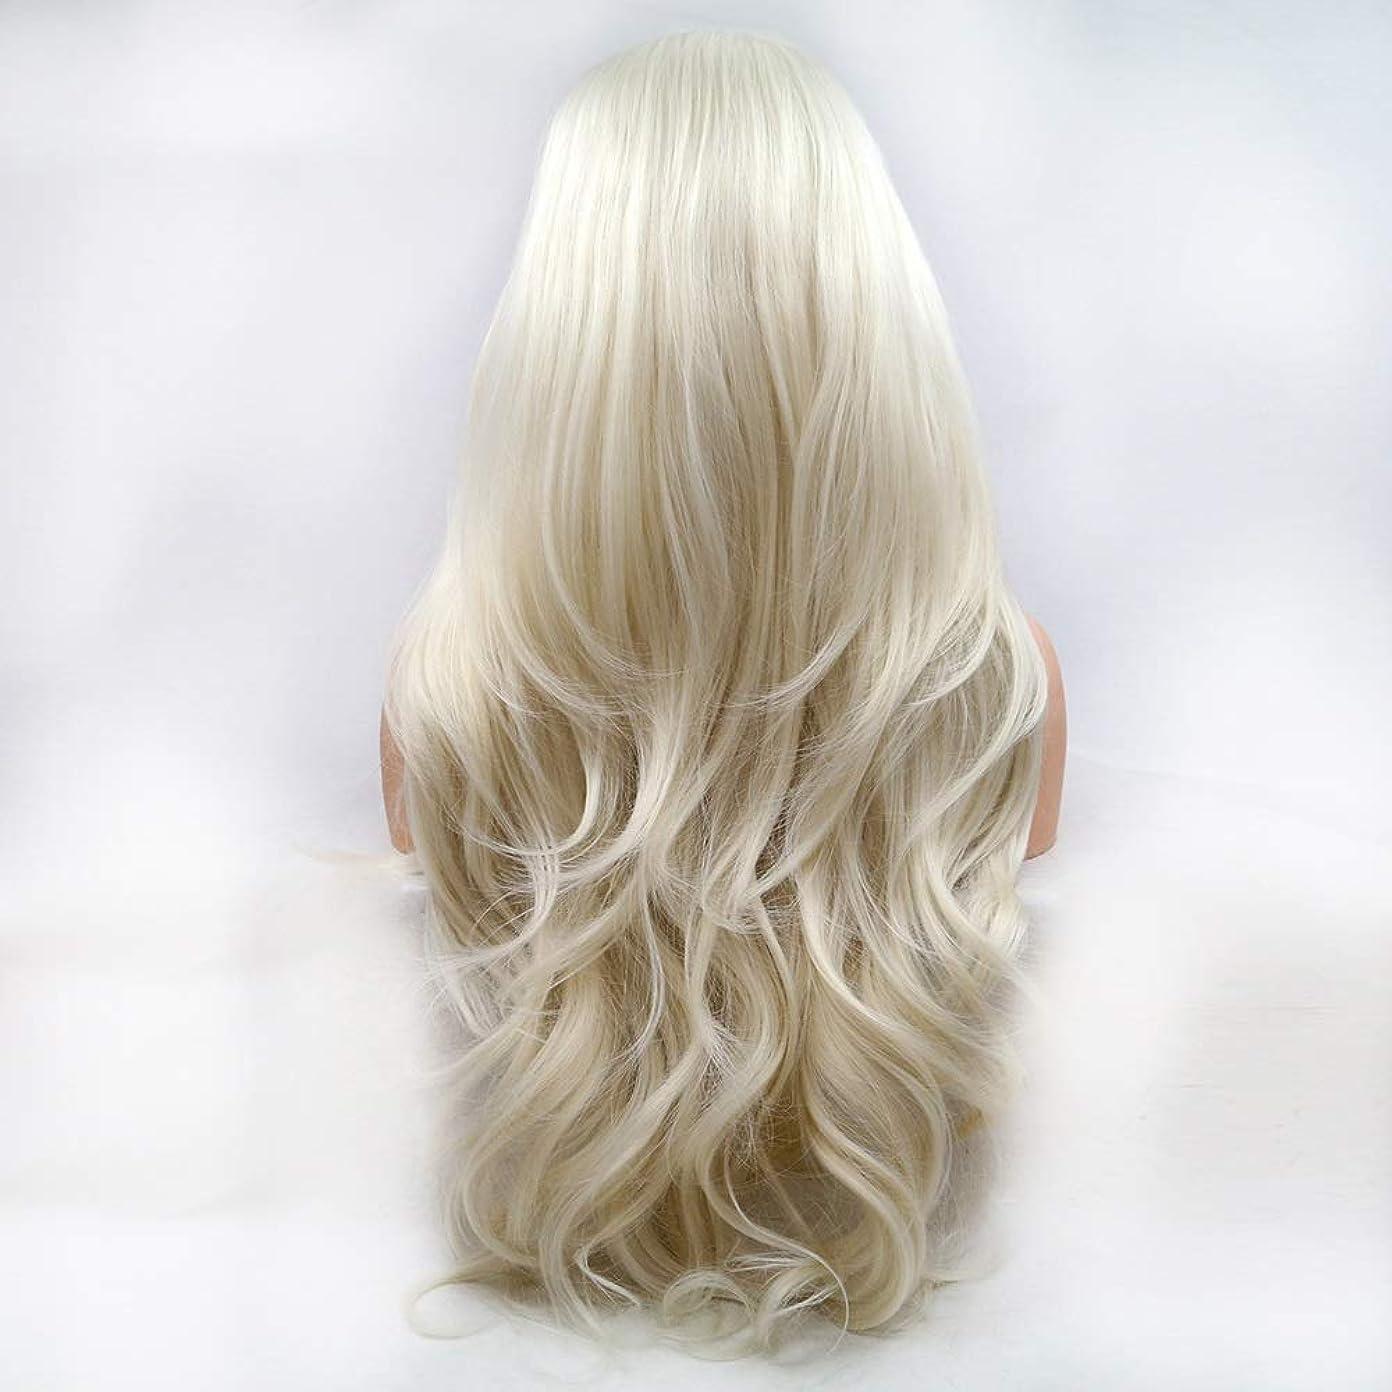 あらゆる種類の擬人望むZXF ベージュの長い髪の巻き毛のかつらレディース手作りのレースのヨーロッパとアメリカのかつらセットかつら 美しい